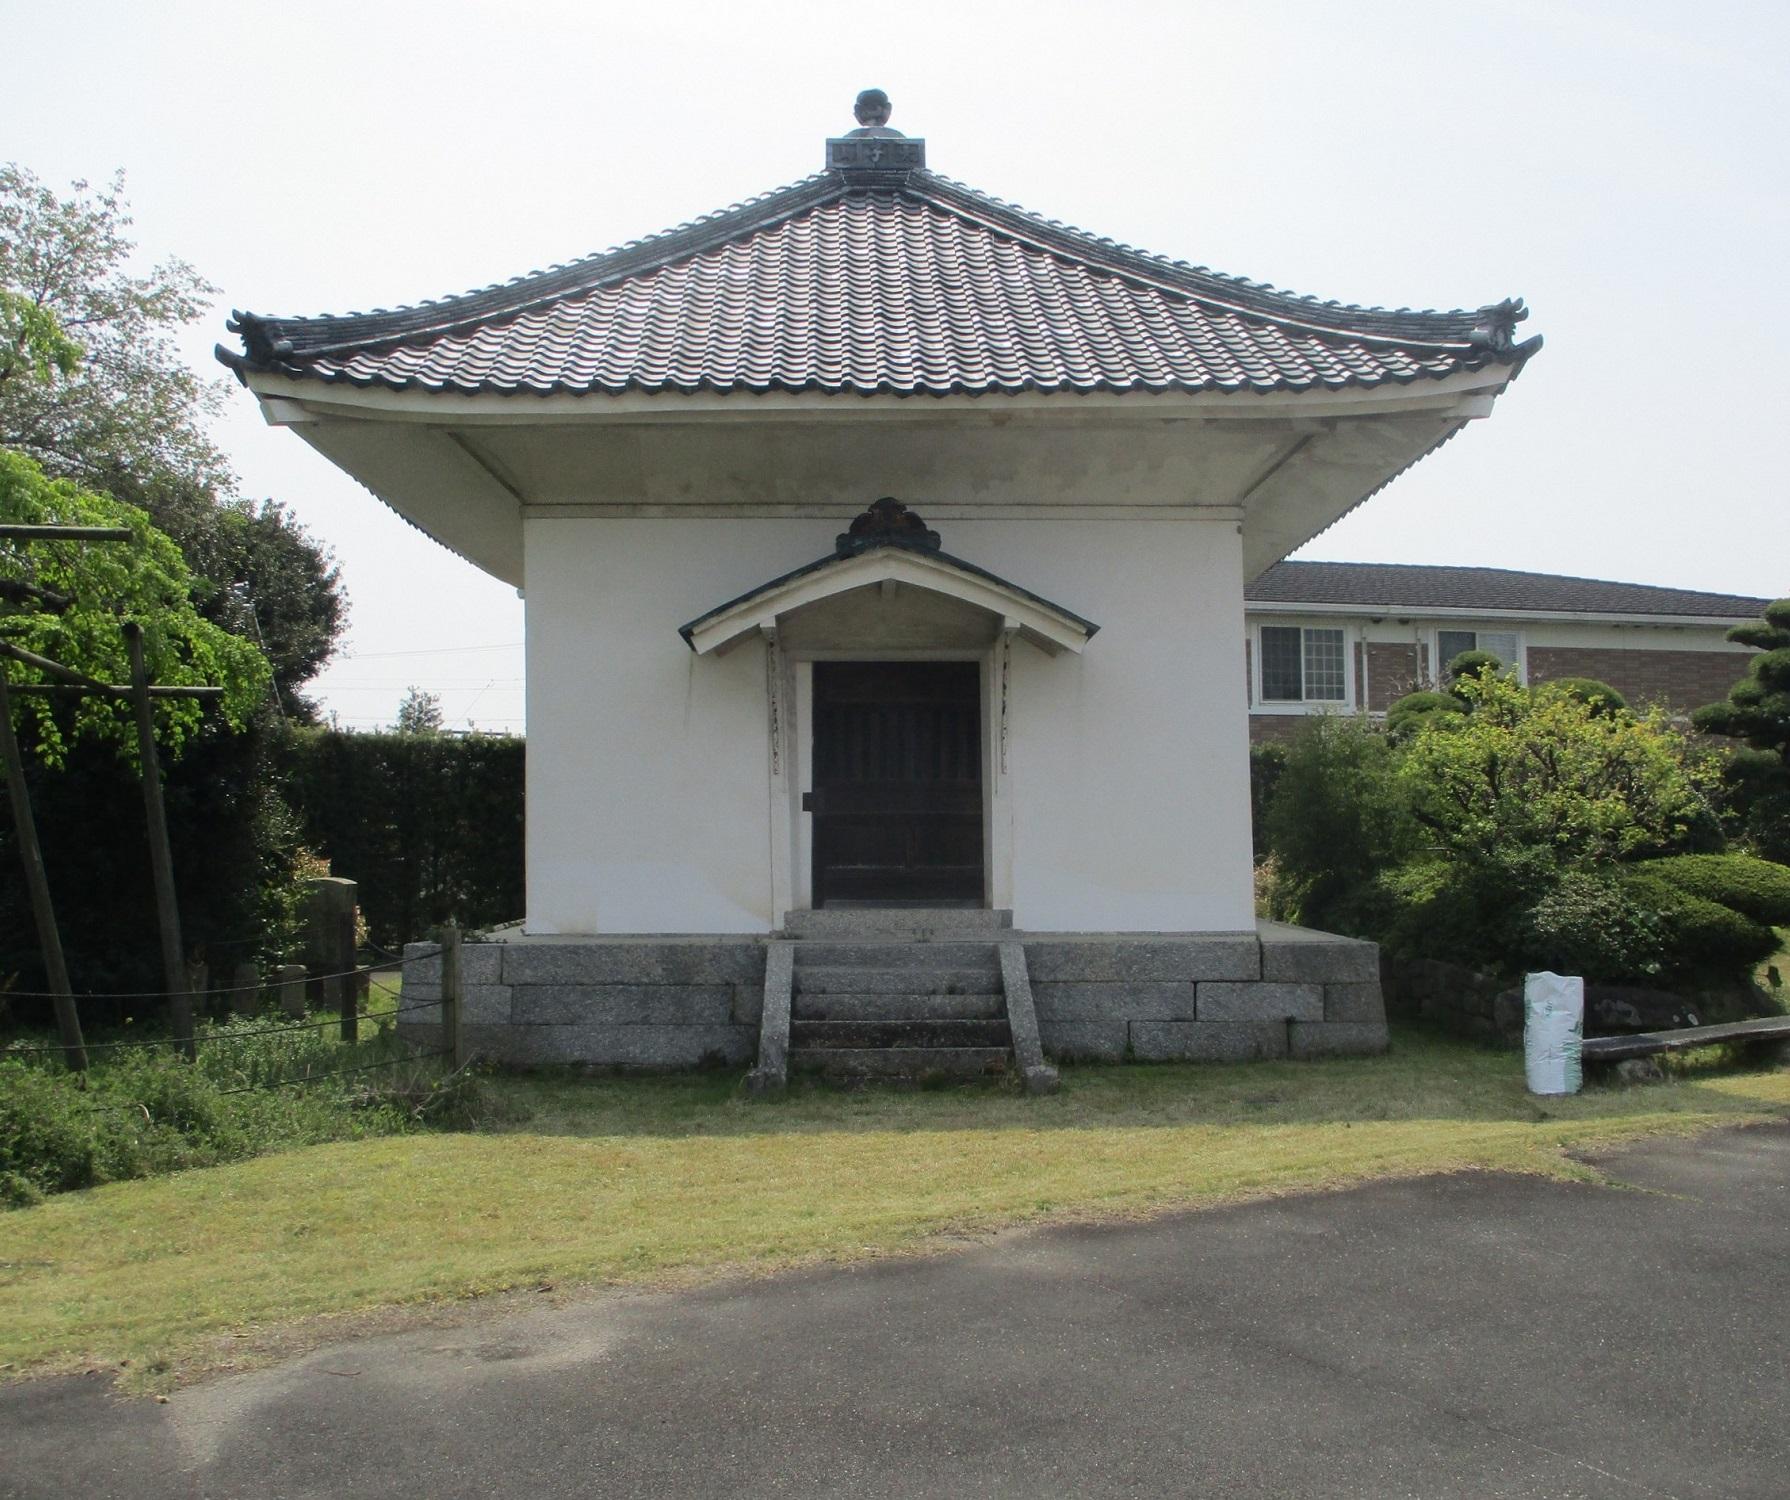 2020.4.16 (12) 上宮寺 - 経堂 1790-1500